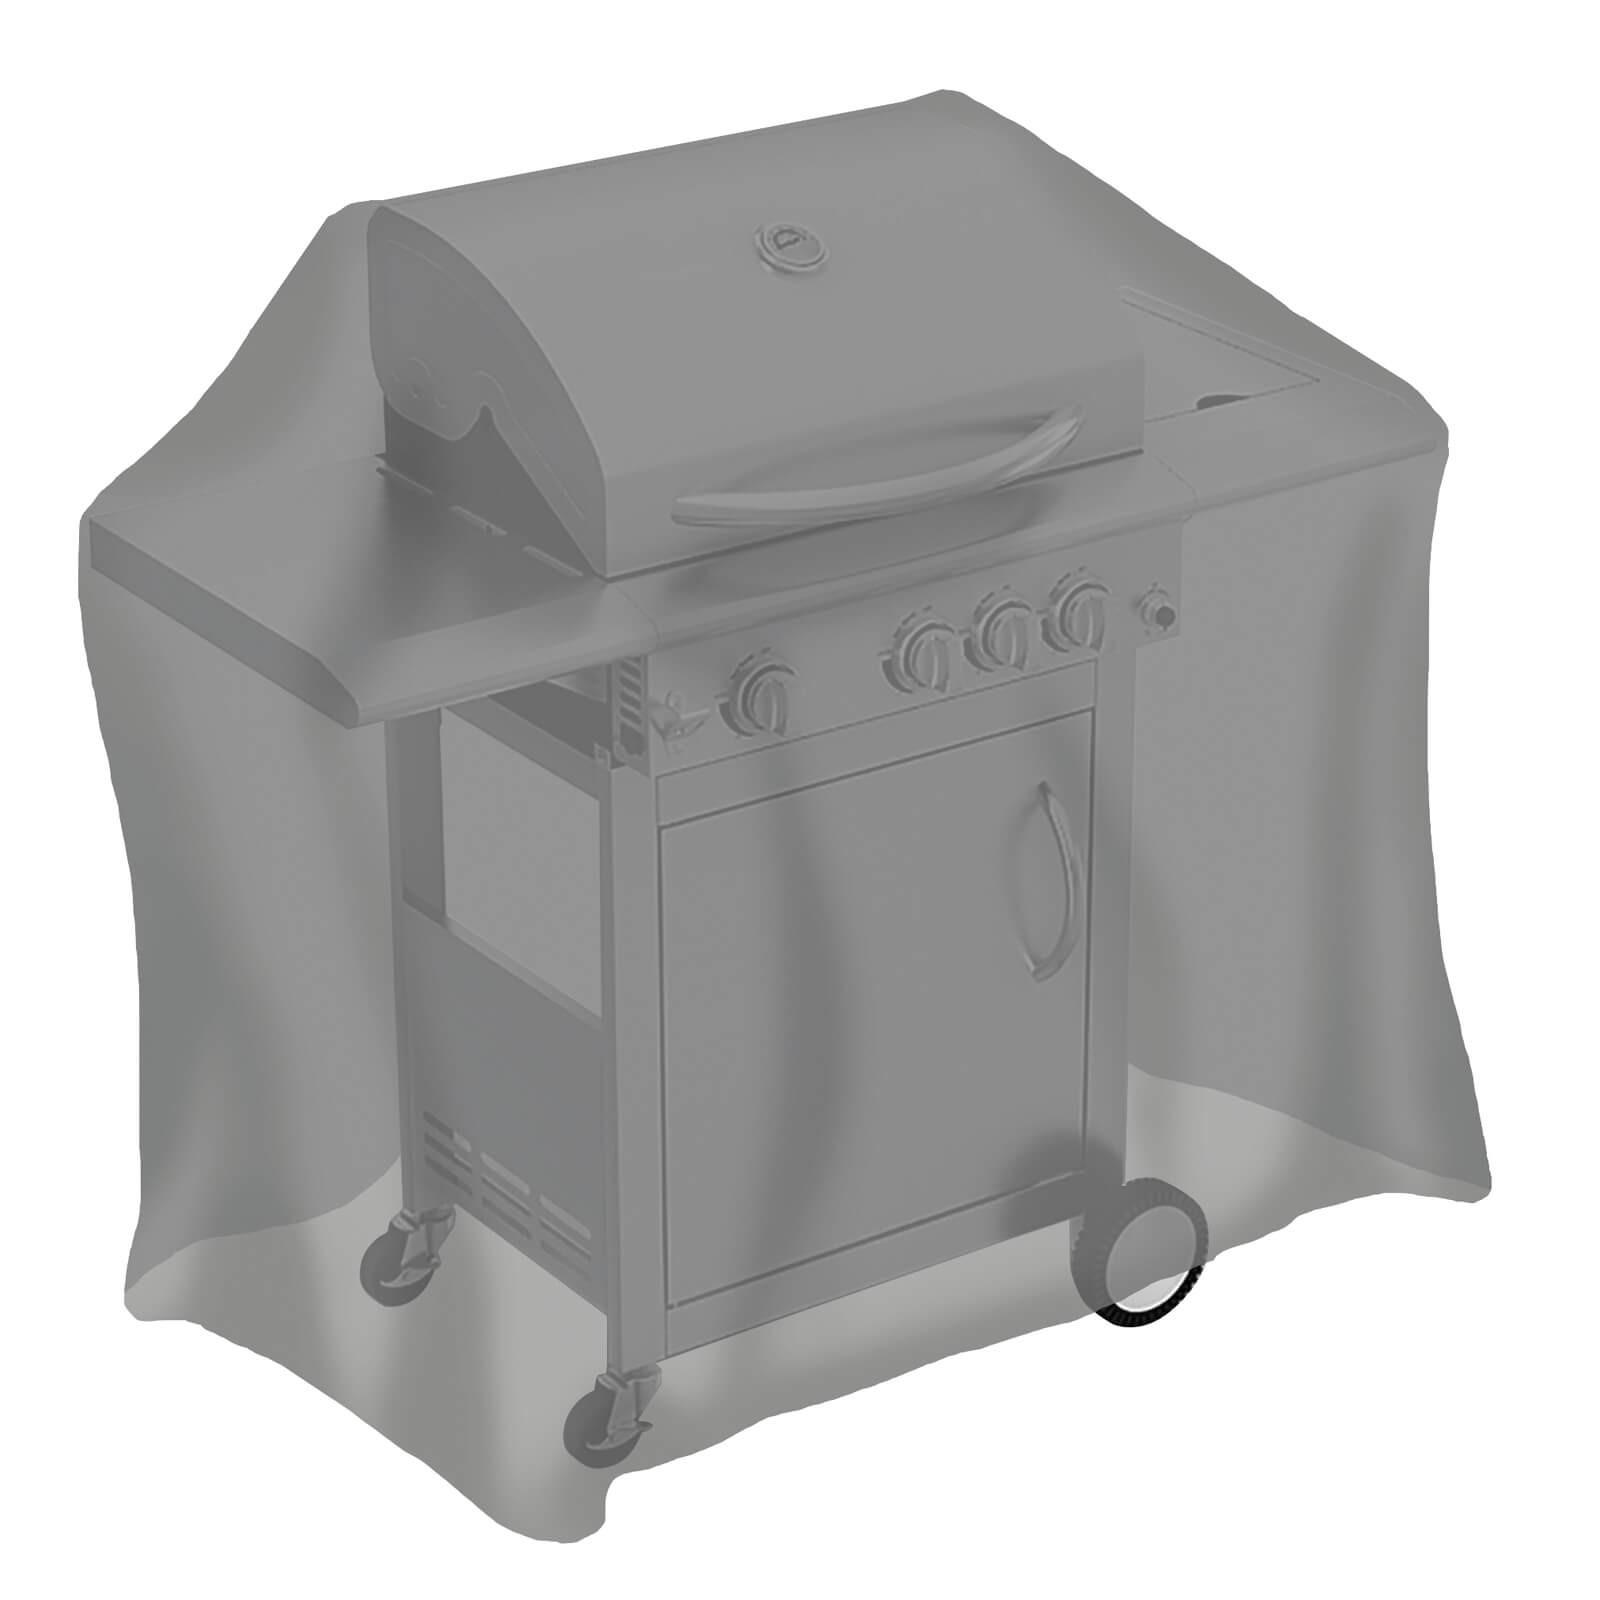 gasgrill lidl swalif. Black Bedroom Furniture Sets. Home Design Ideas